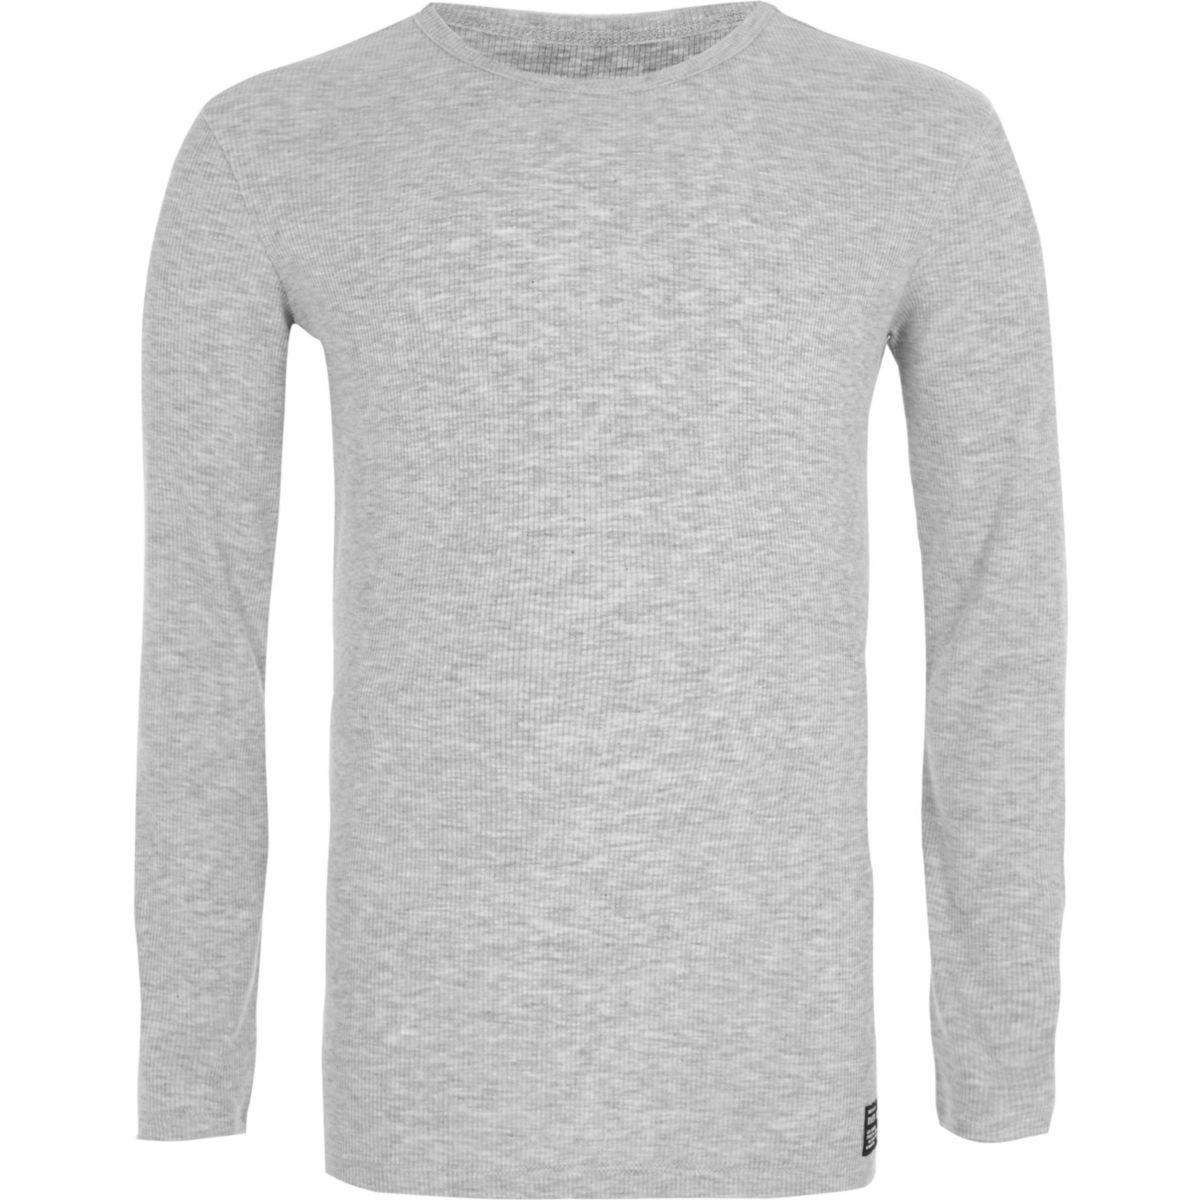 T-shirt gris chiné côtelé à manches longues pour garçon